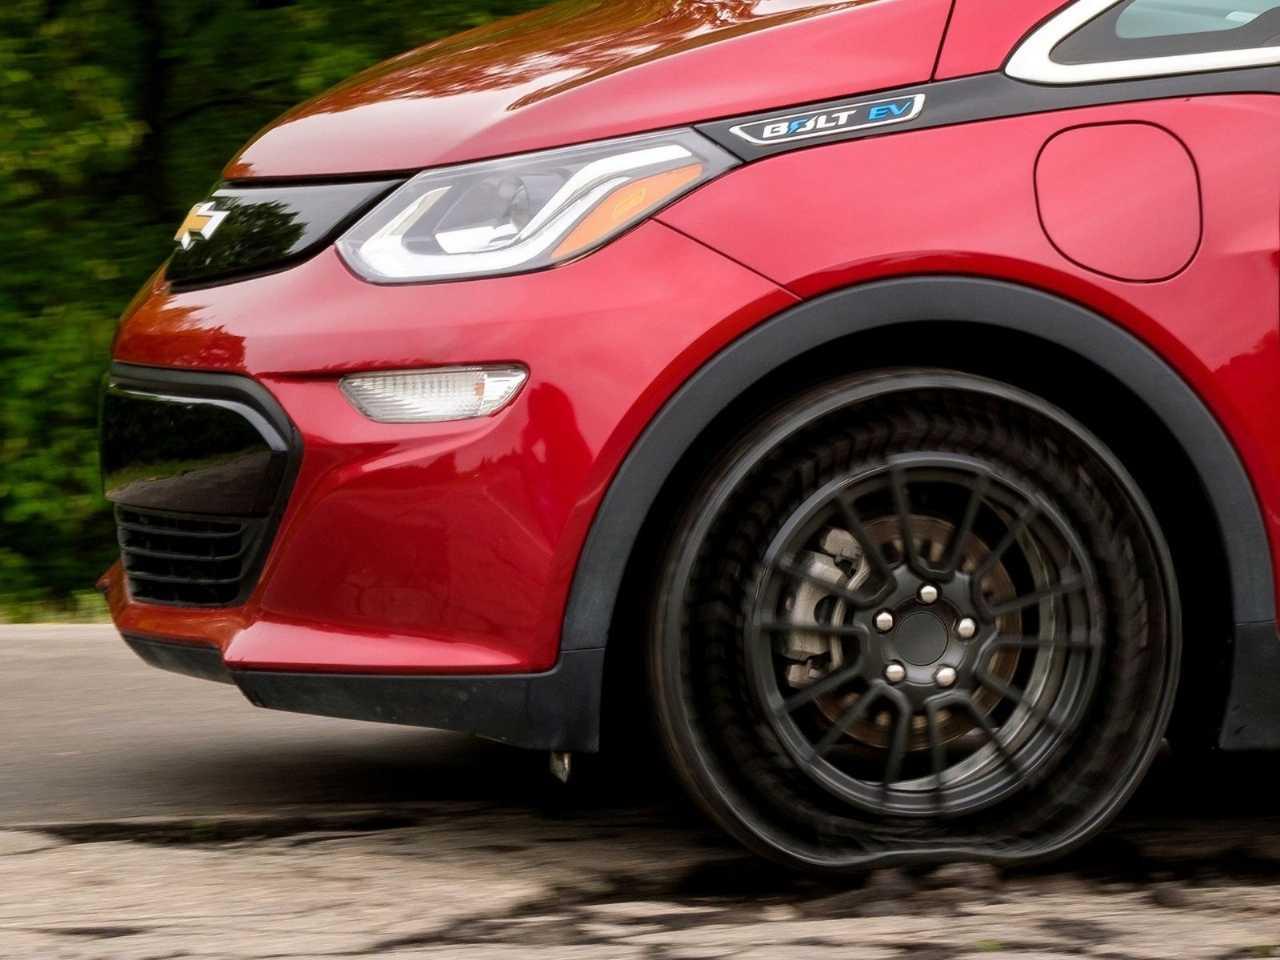 ChevroletBolt 2020 - rodas